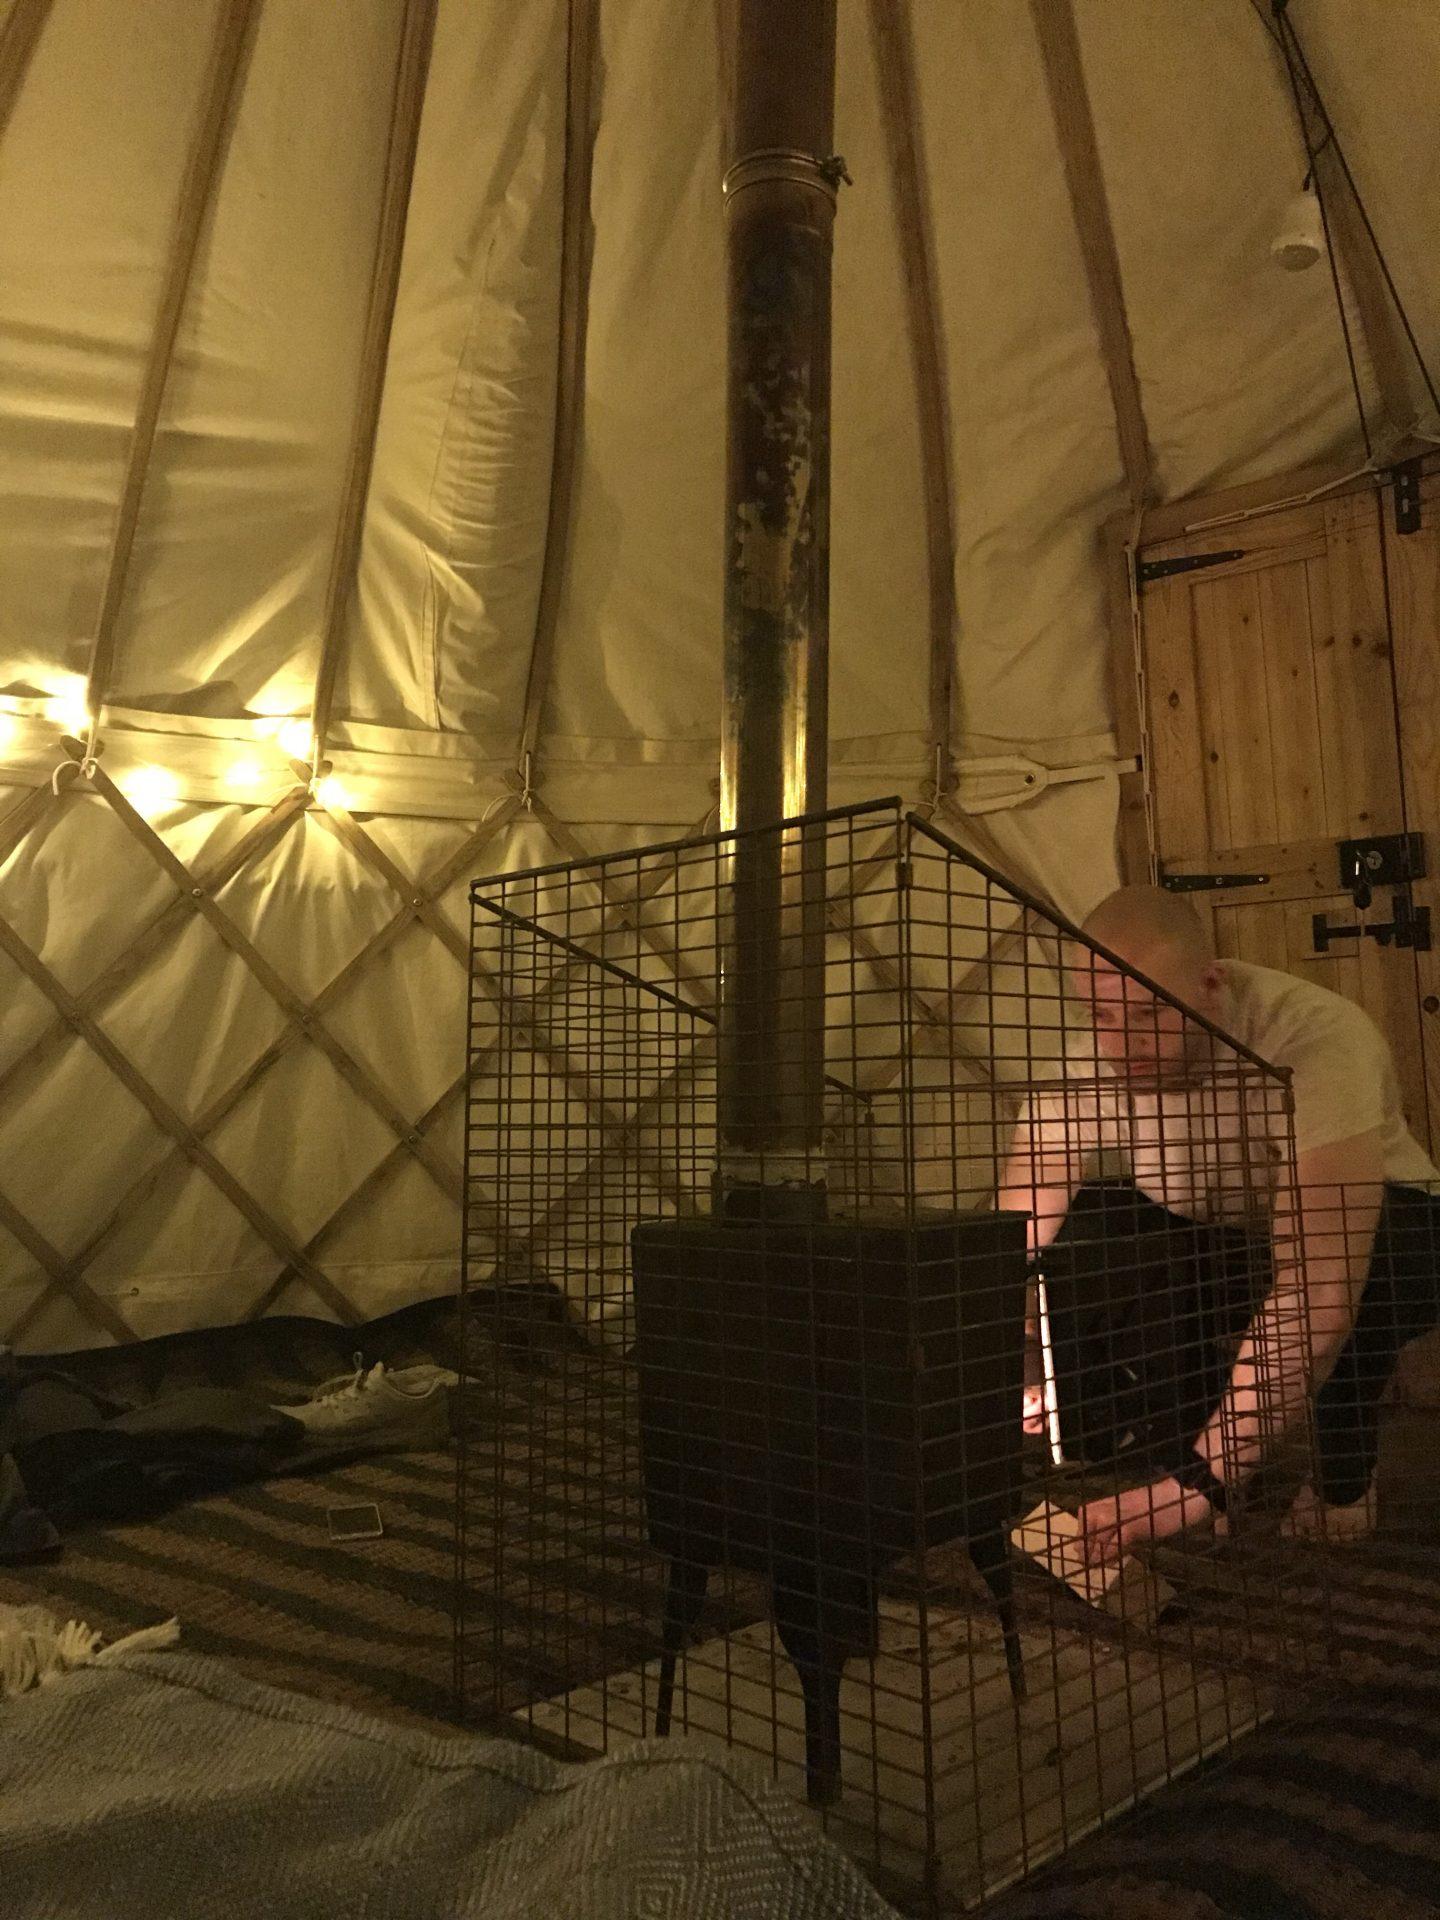 Fred's Yurt